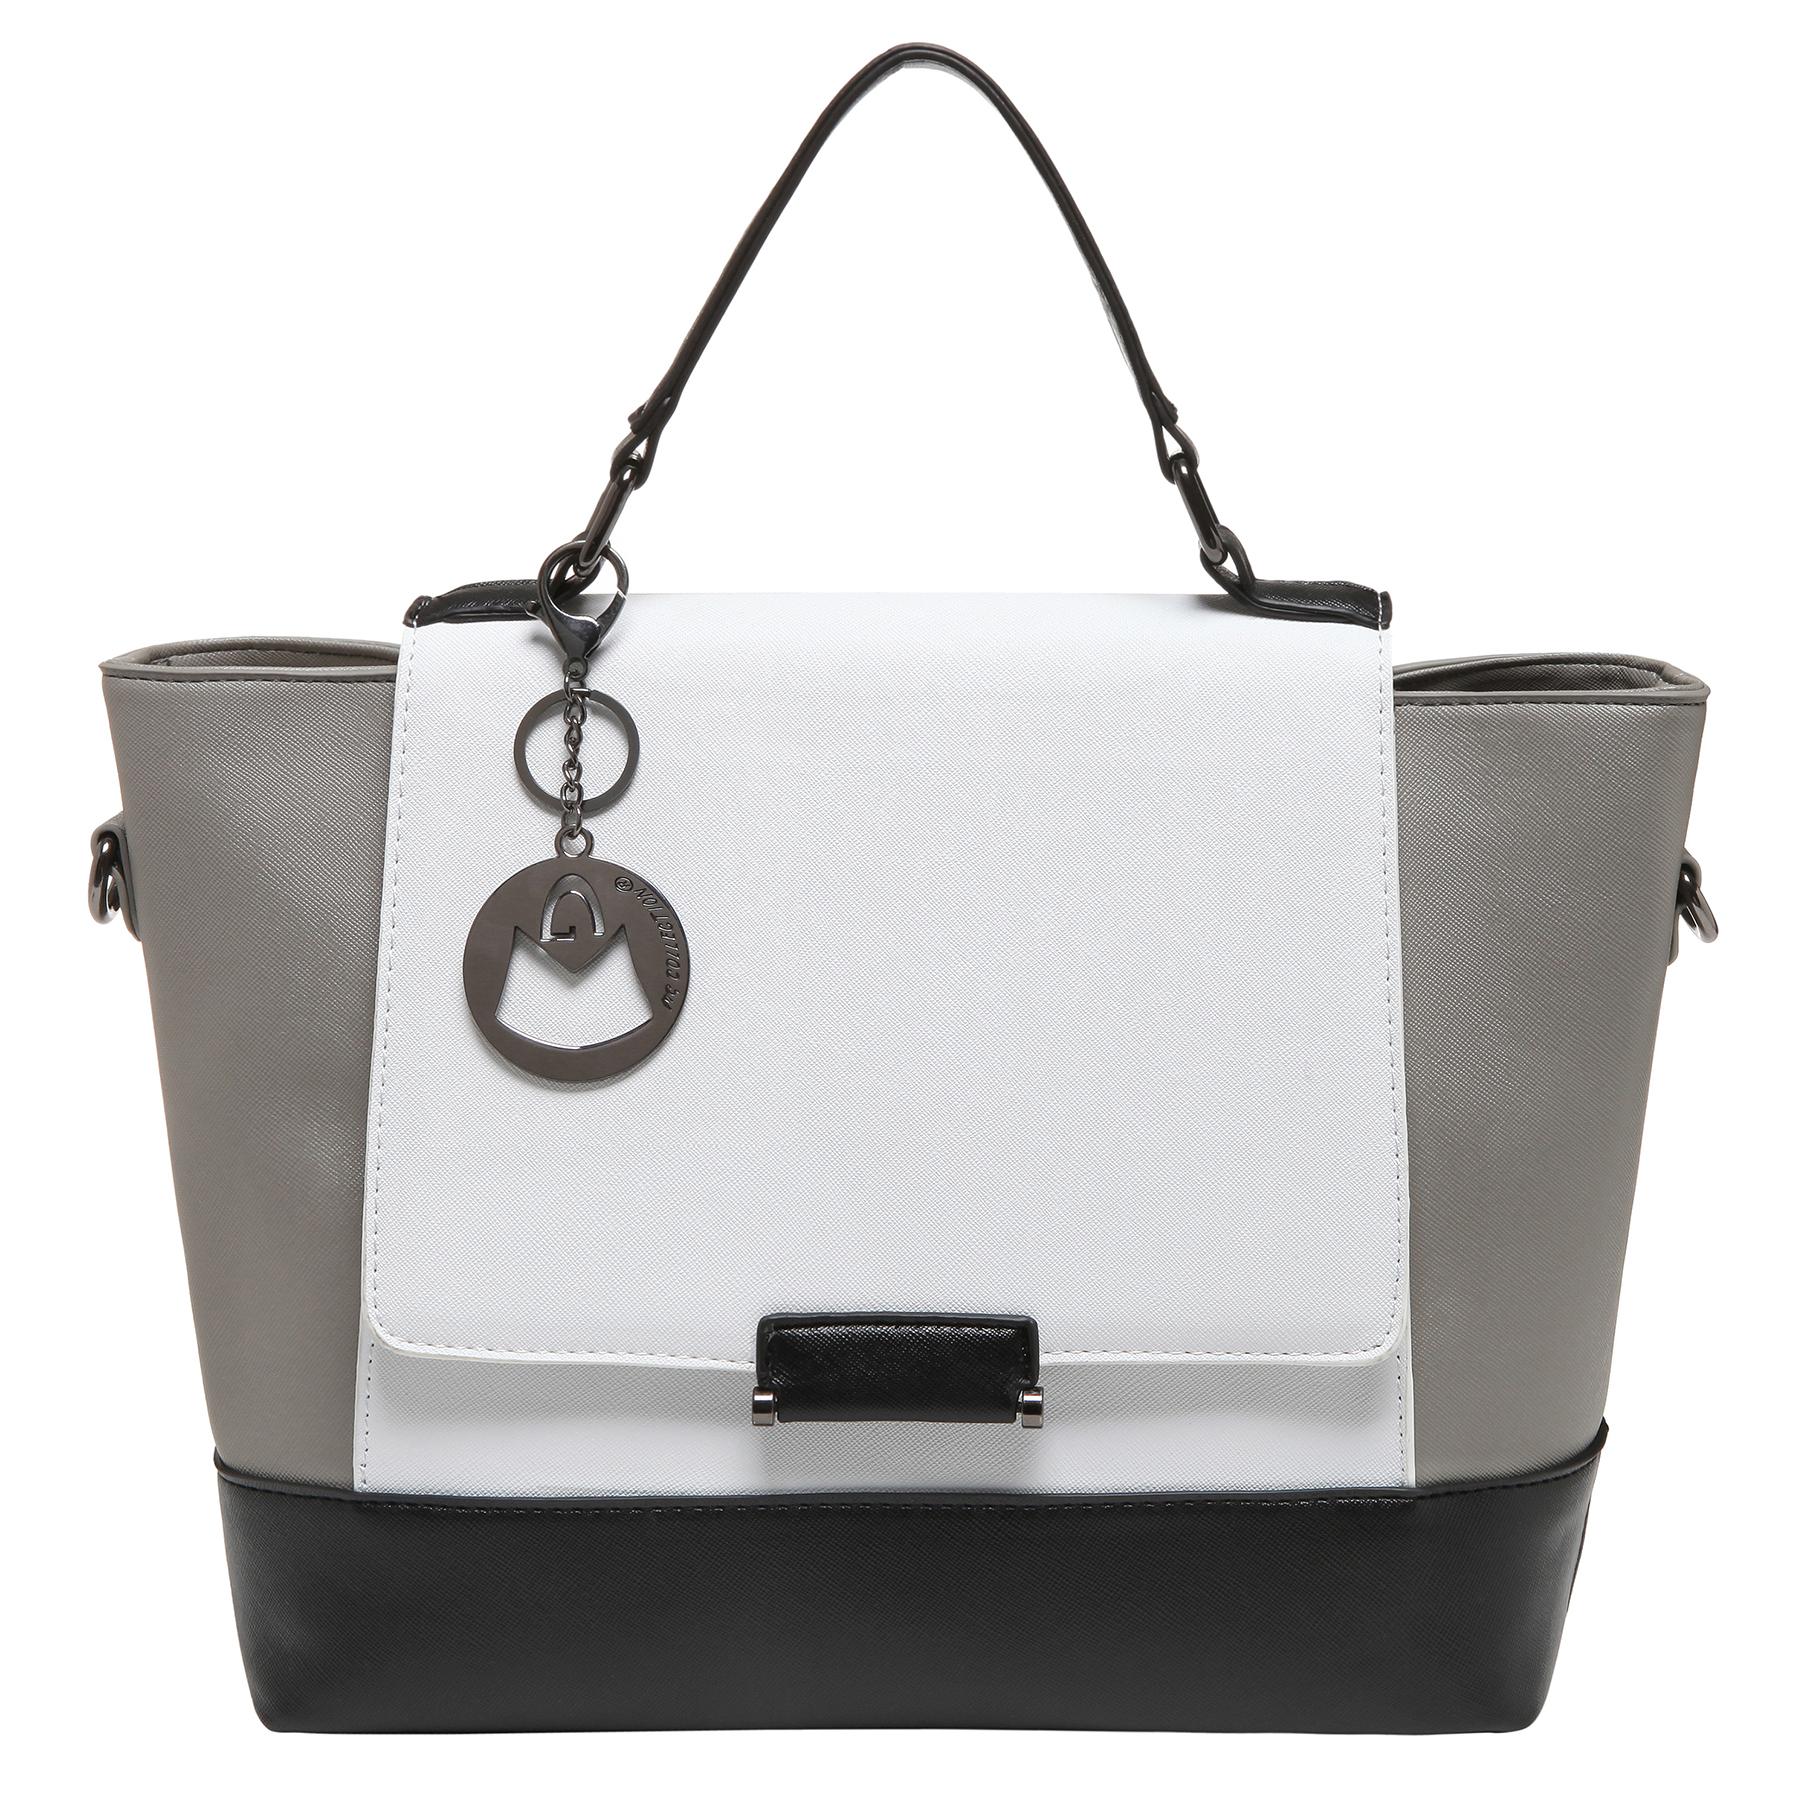 mg-collection-meryl-top-handle-tote-handbag-tb-h0651wht-2.jpg